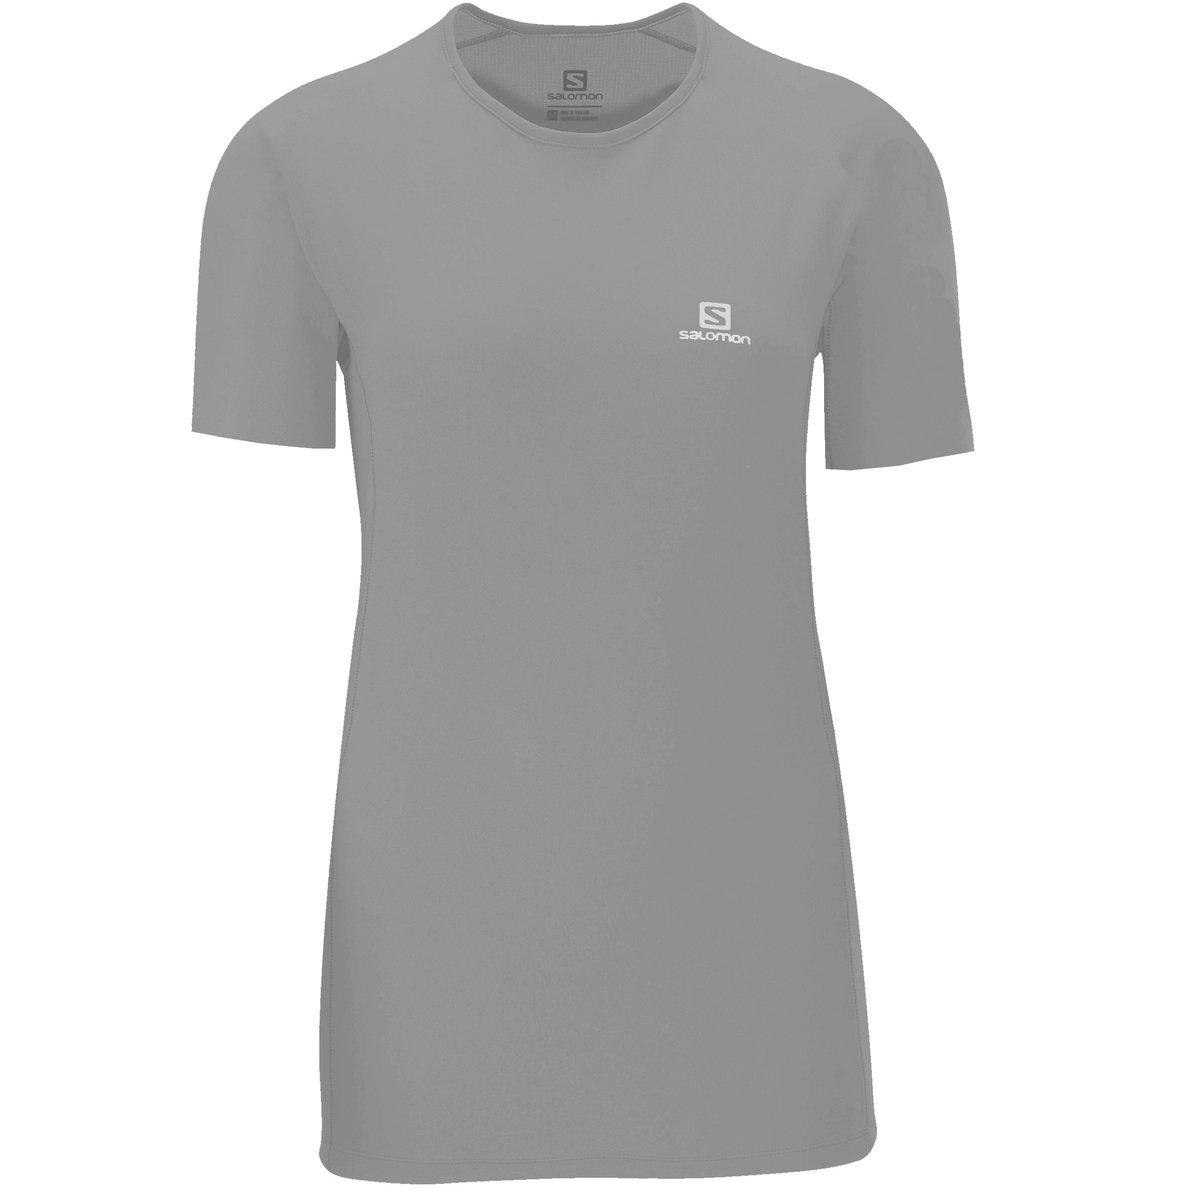 Camiseta Salomon Camiseta Preto Salomon Preto Hybrid Hybrid SS SS Camiseta q8qwrH